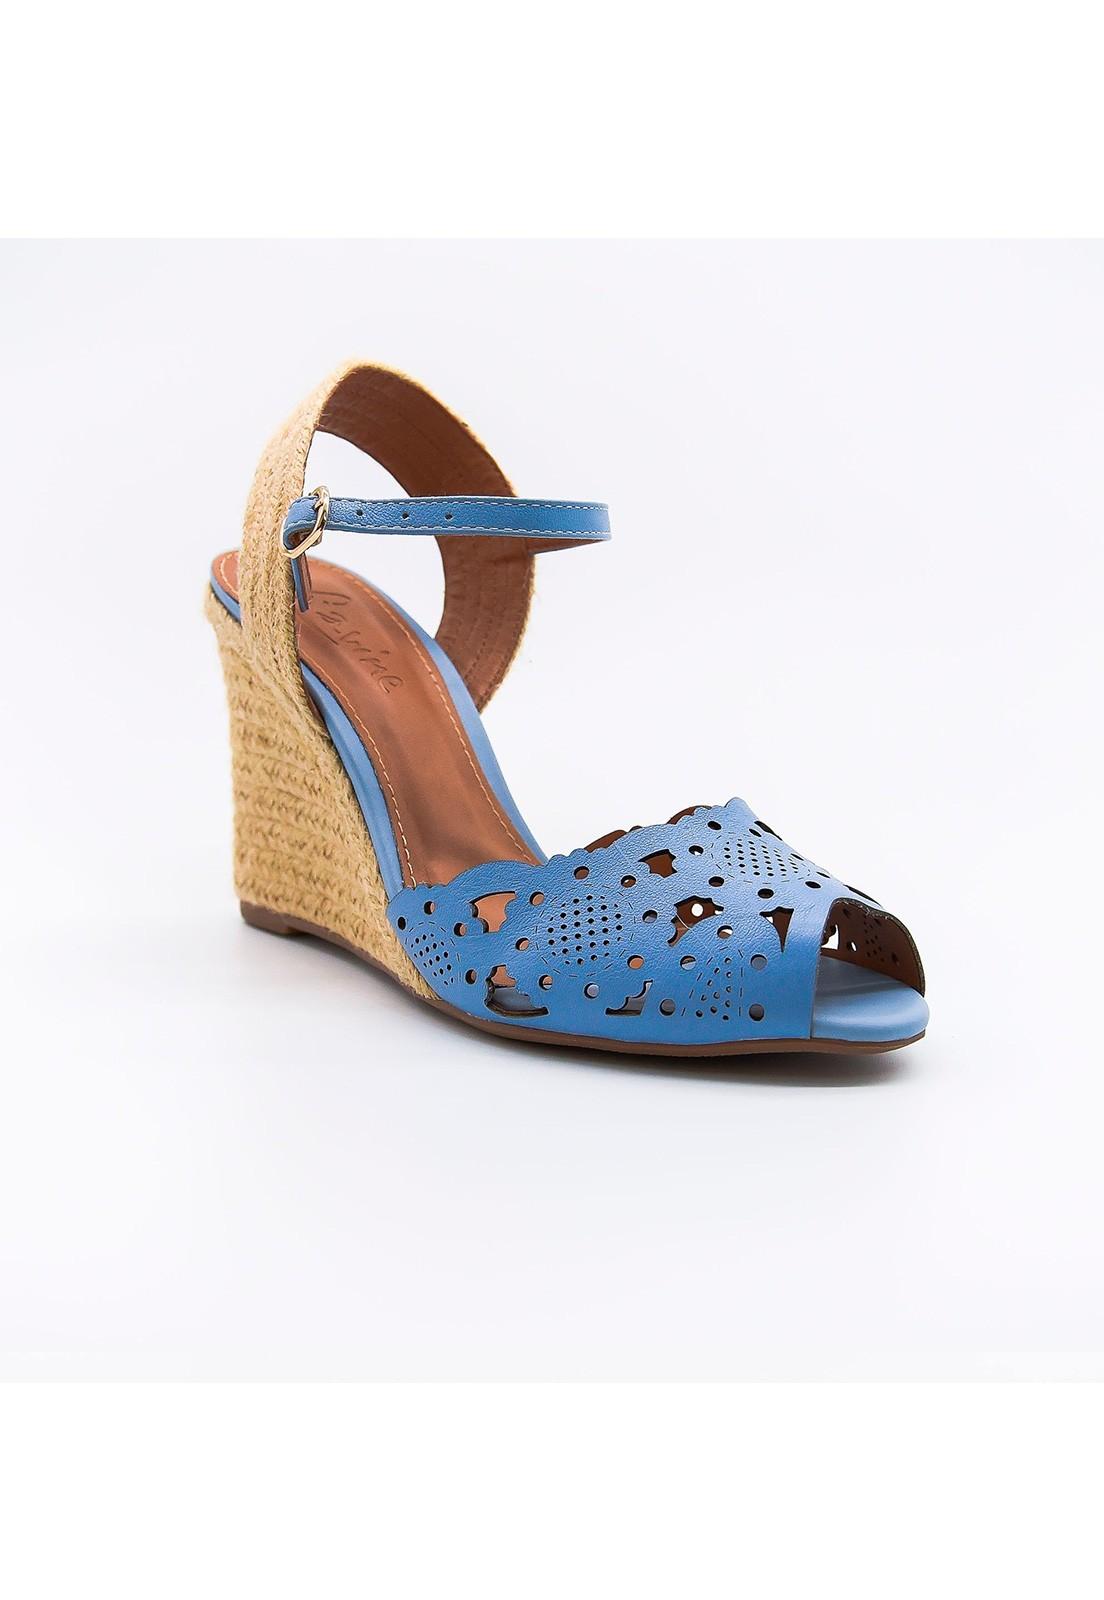 Sandália anabela em couro azul